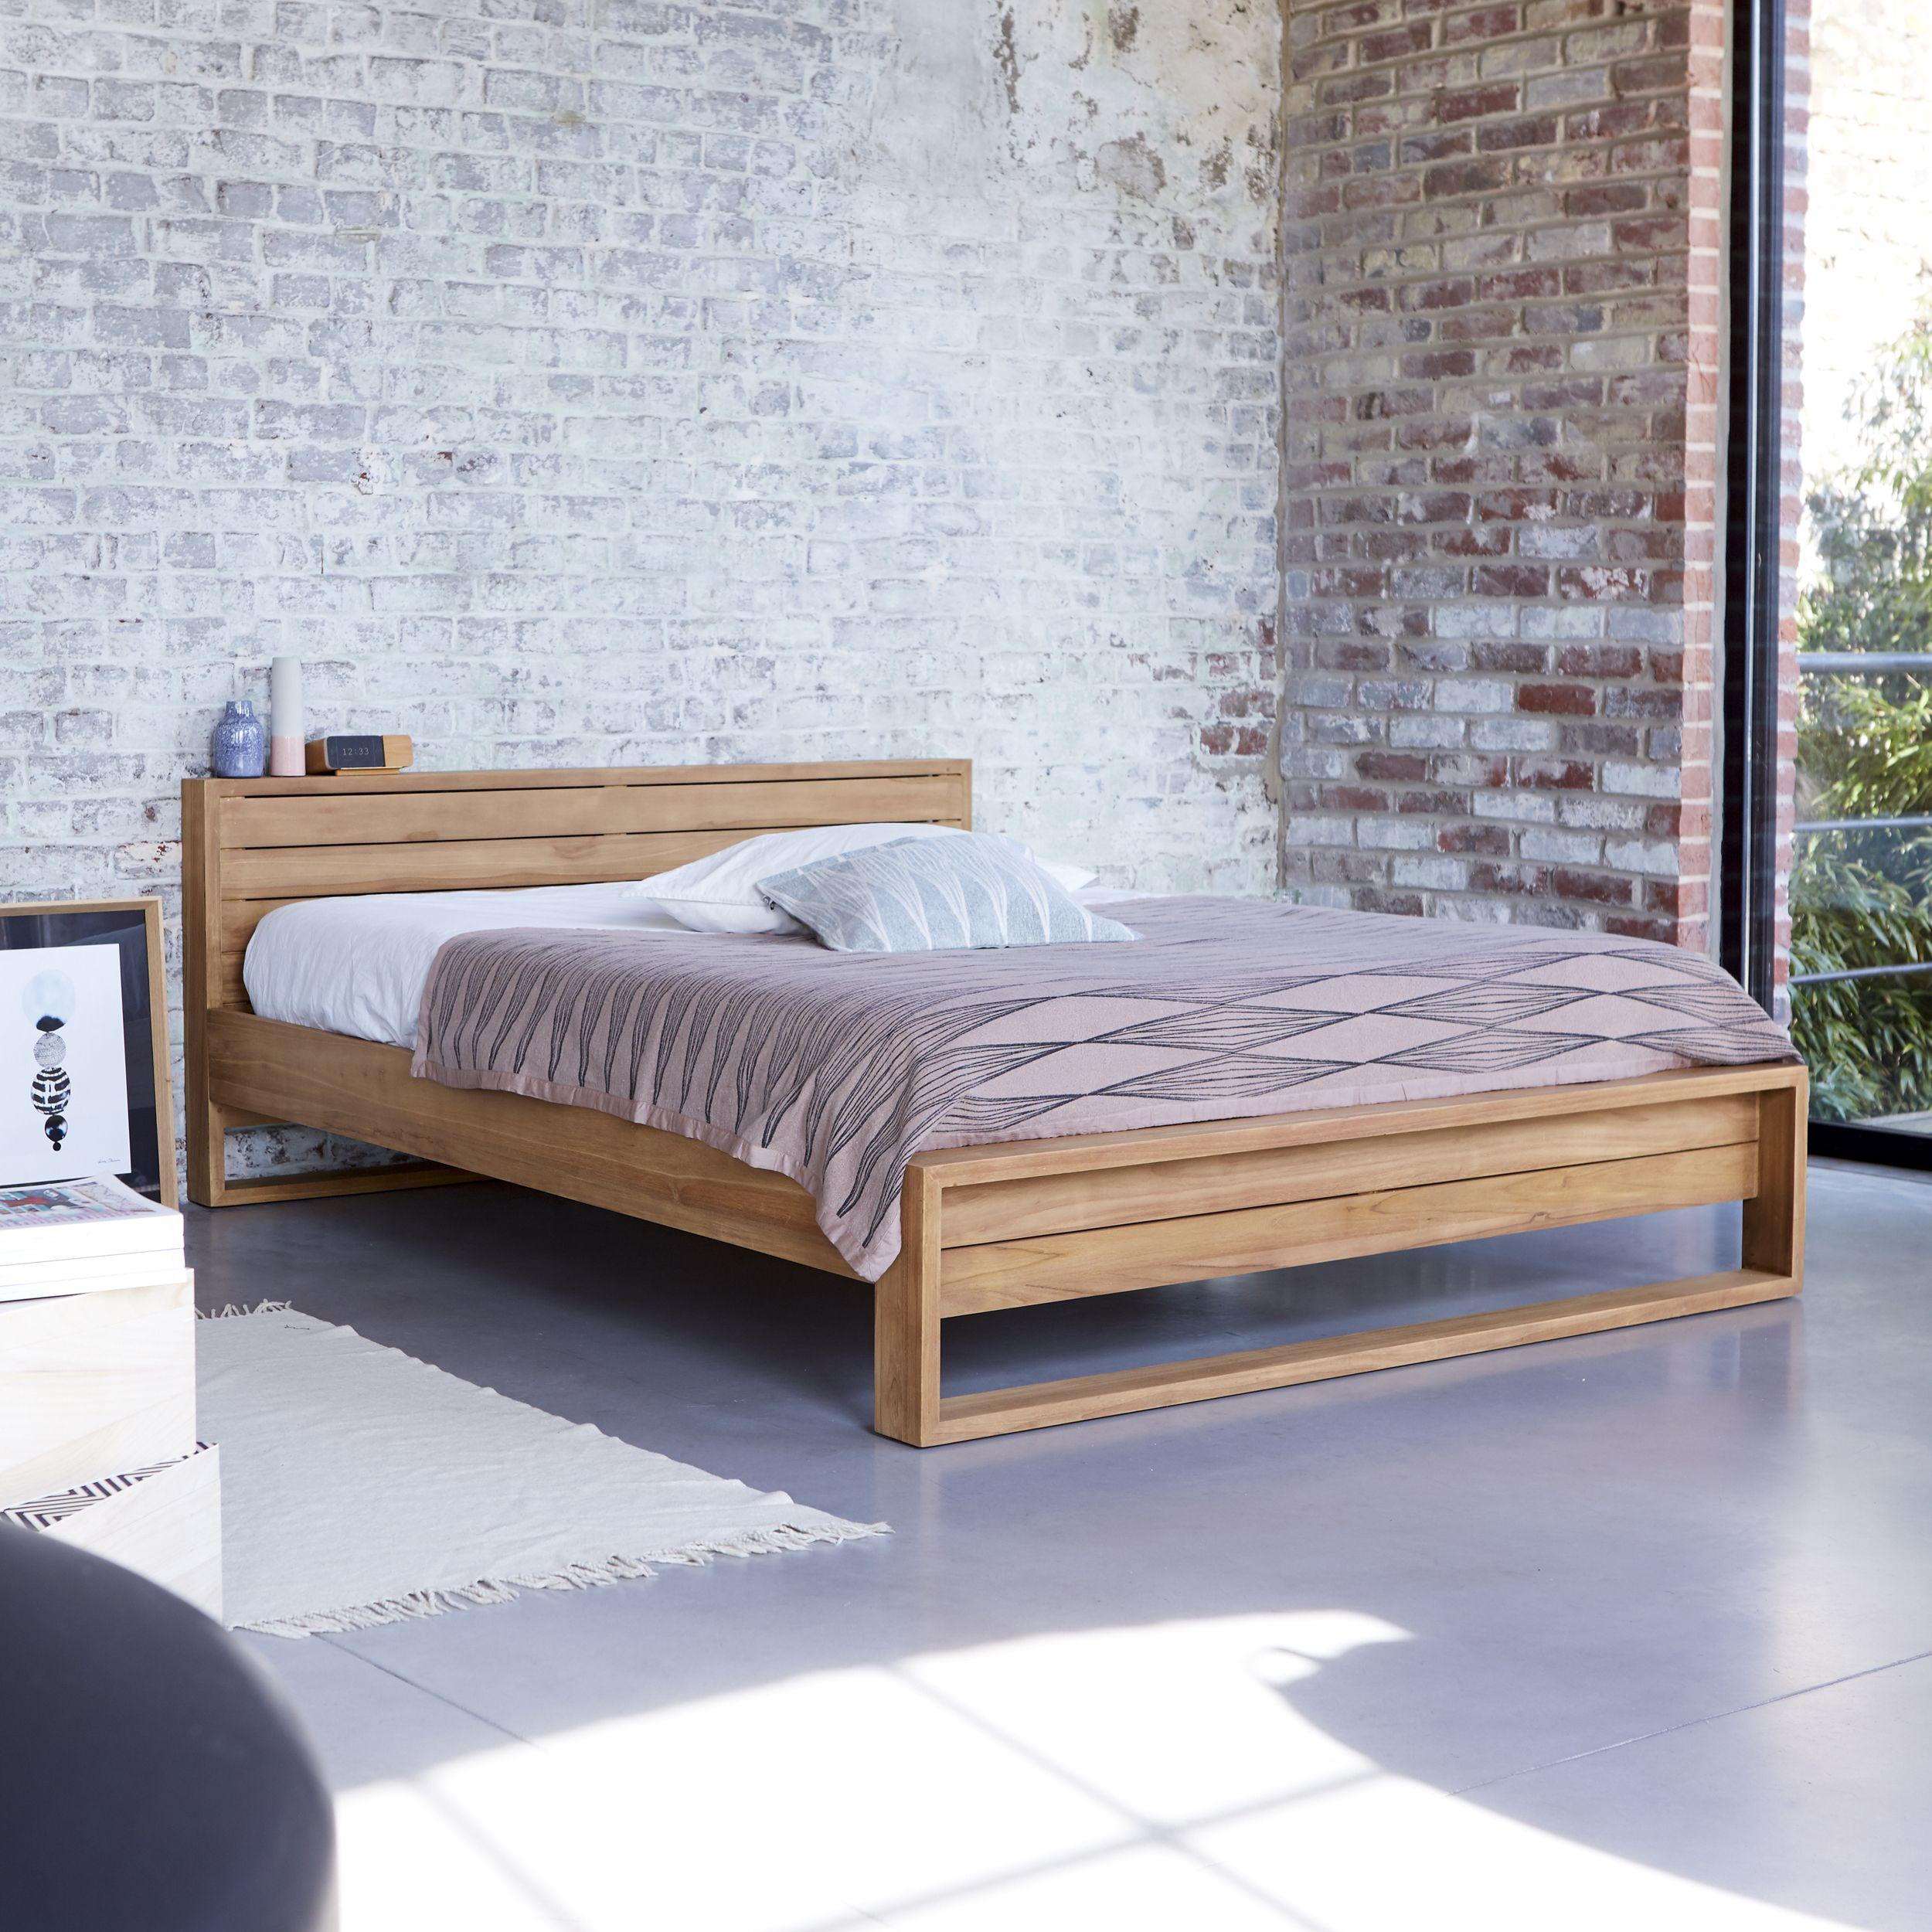 Teak Bett 160x200 Verkauf Von Massivteak Betten Minimalys Tikamoon Simple Bed Bed Frame Bed Design